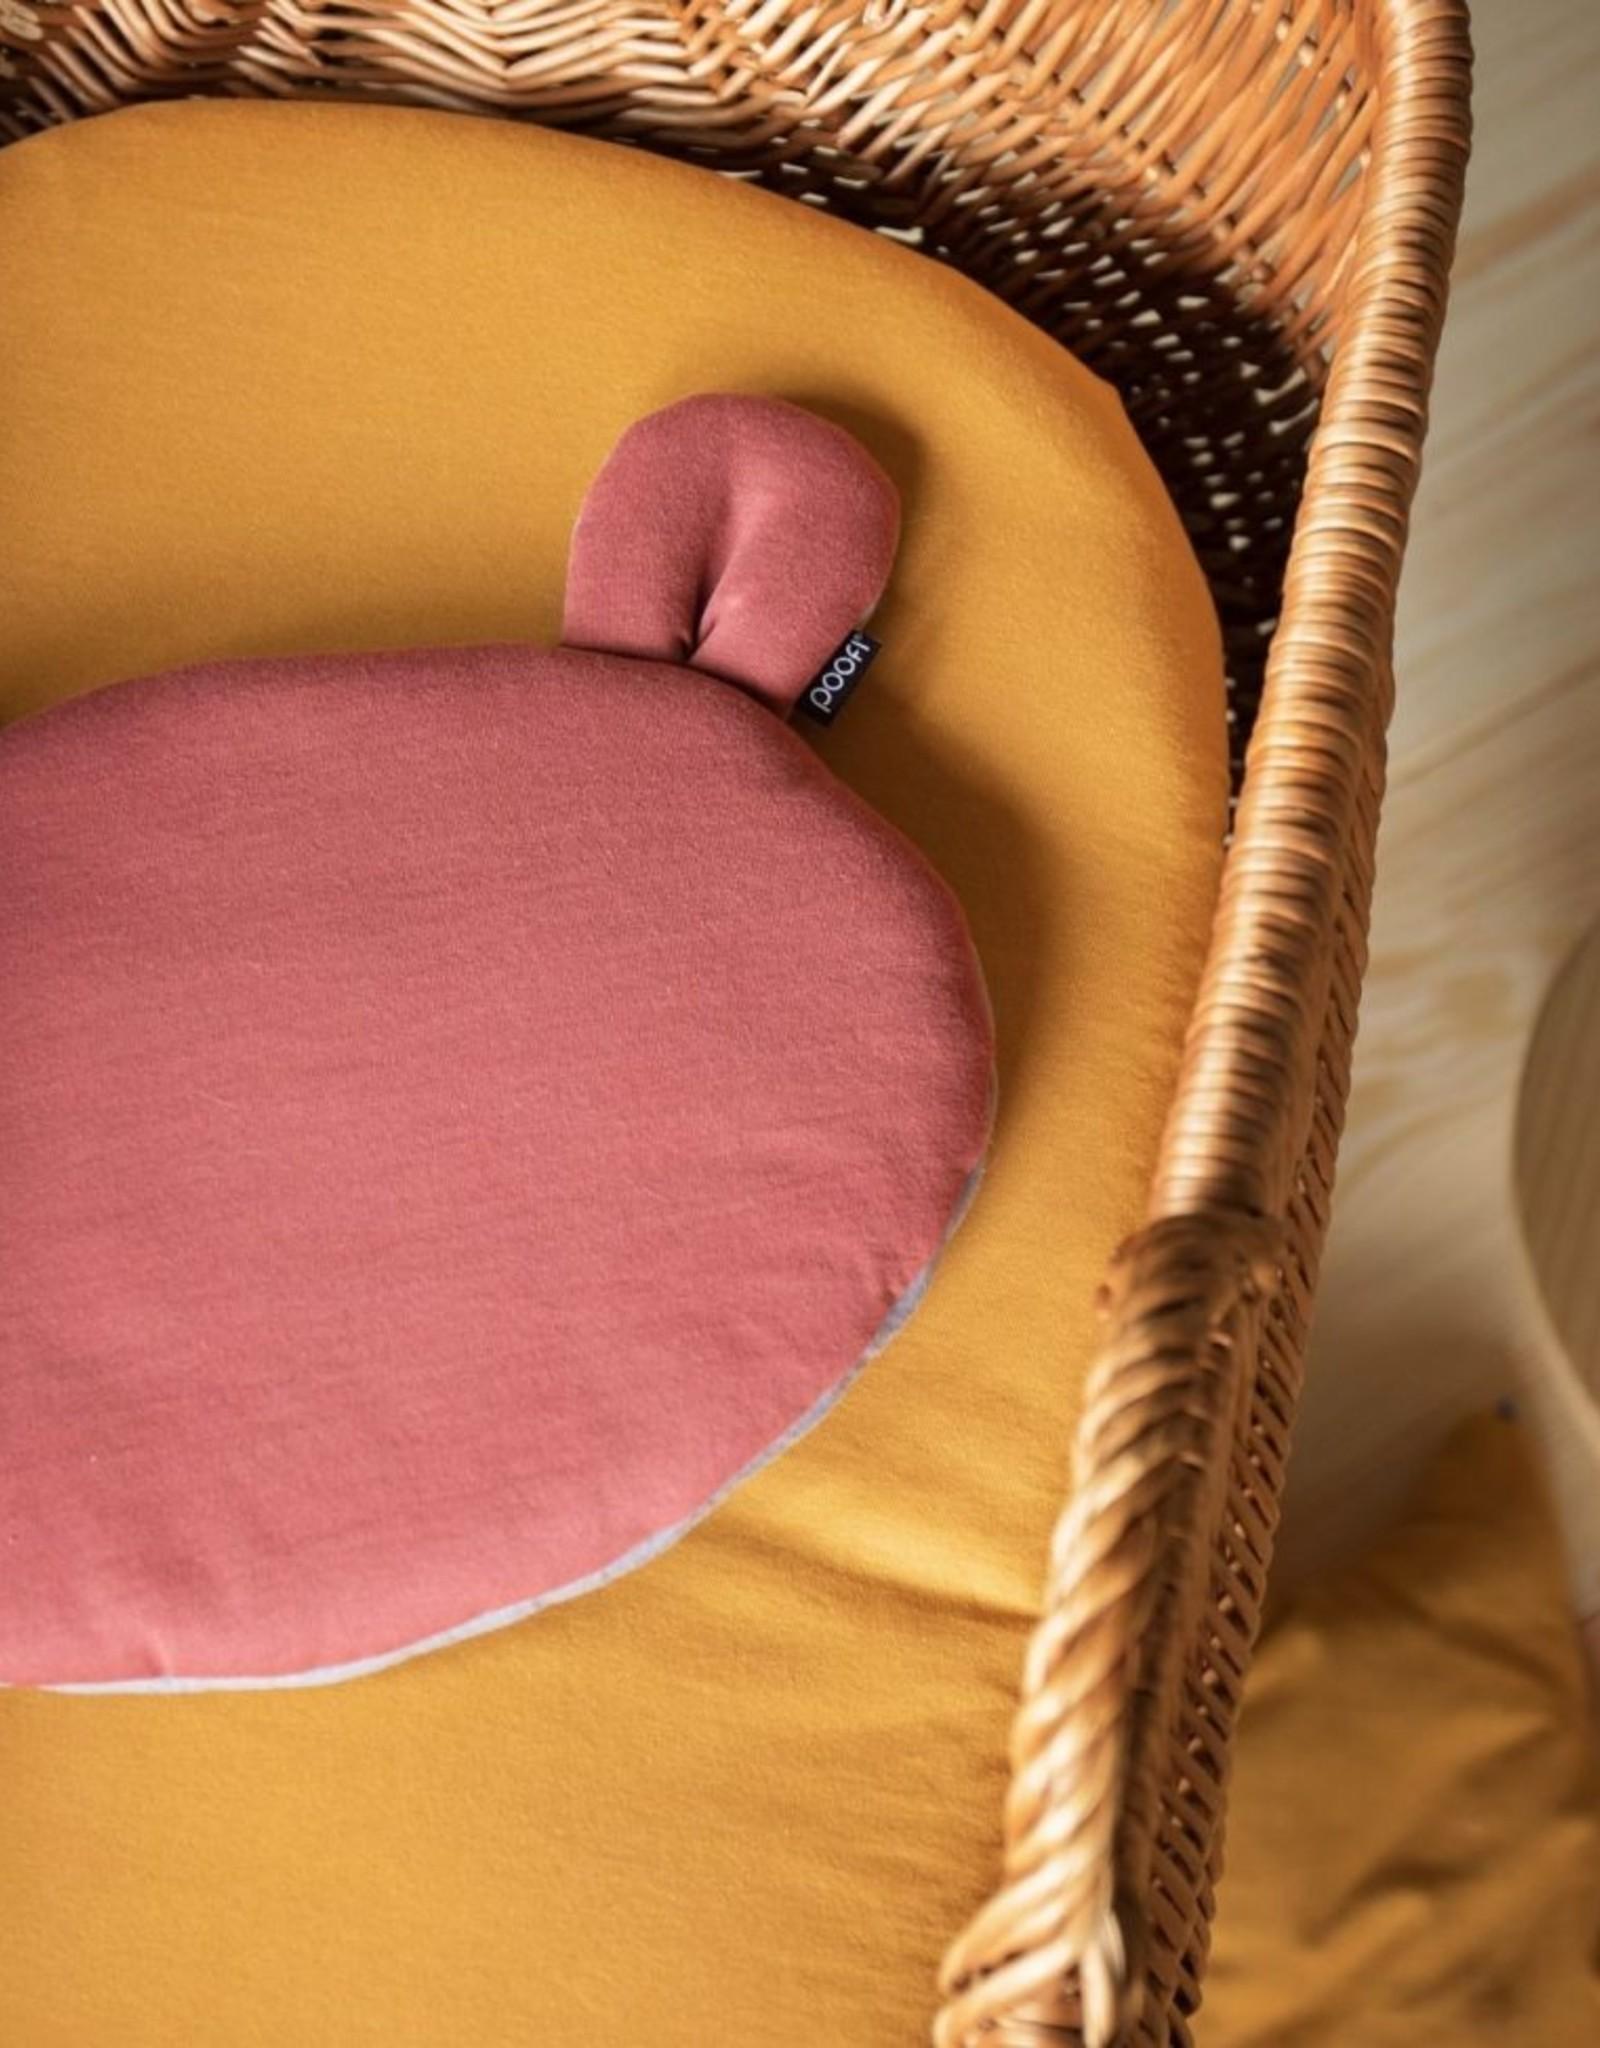 POOFI Poofi - Teddybear cushion - Maroon and grey